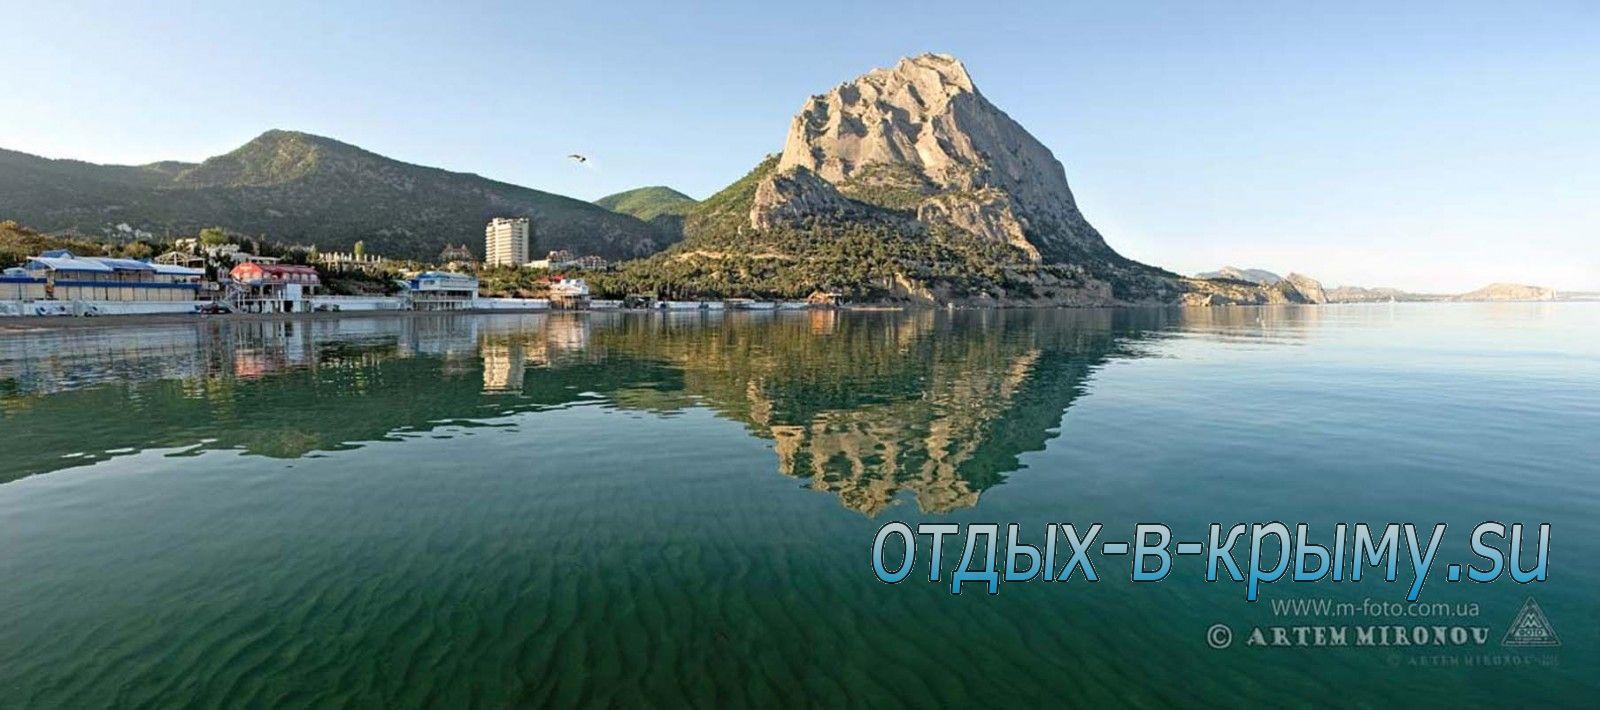 Крым новый свет отдых 2018 цены частный сектор на берегу